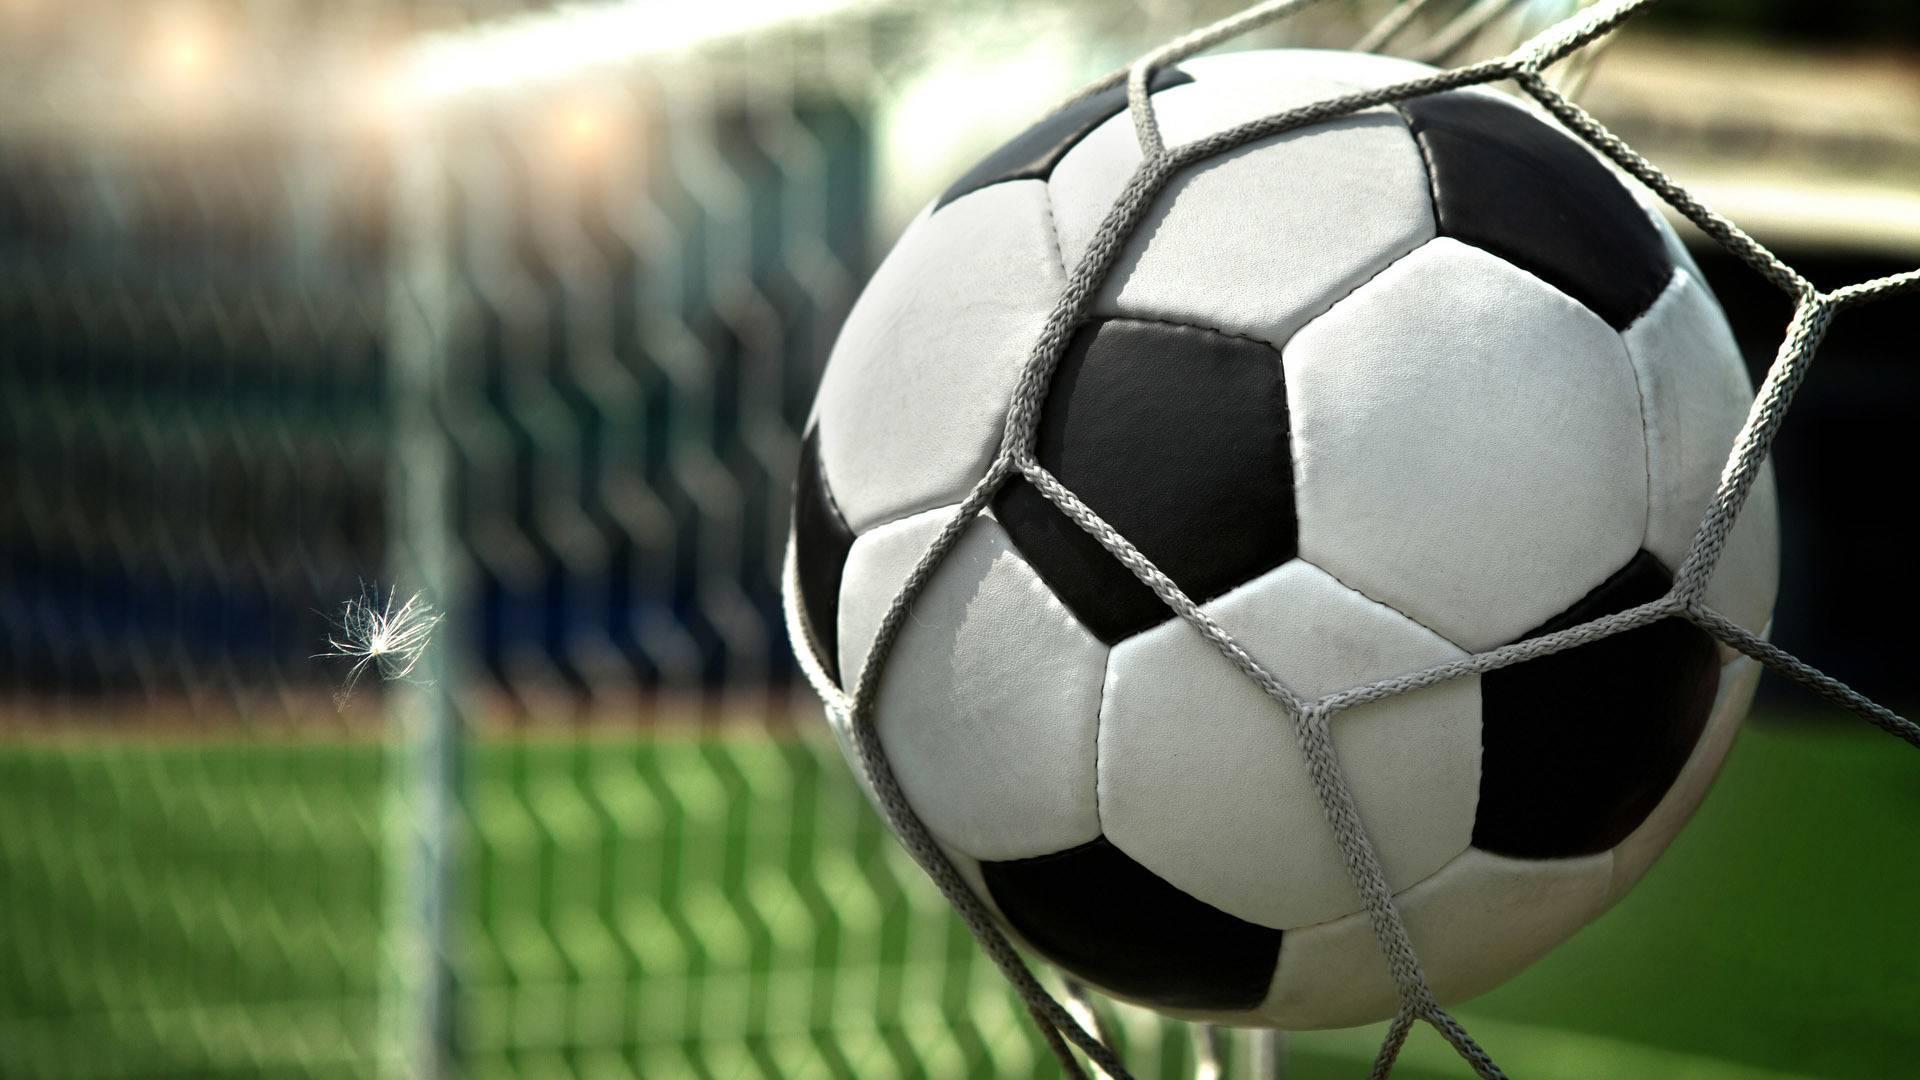 Обои ворота, футбольный мяч, сетка, гол